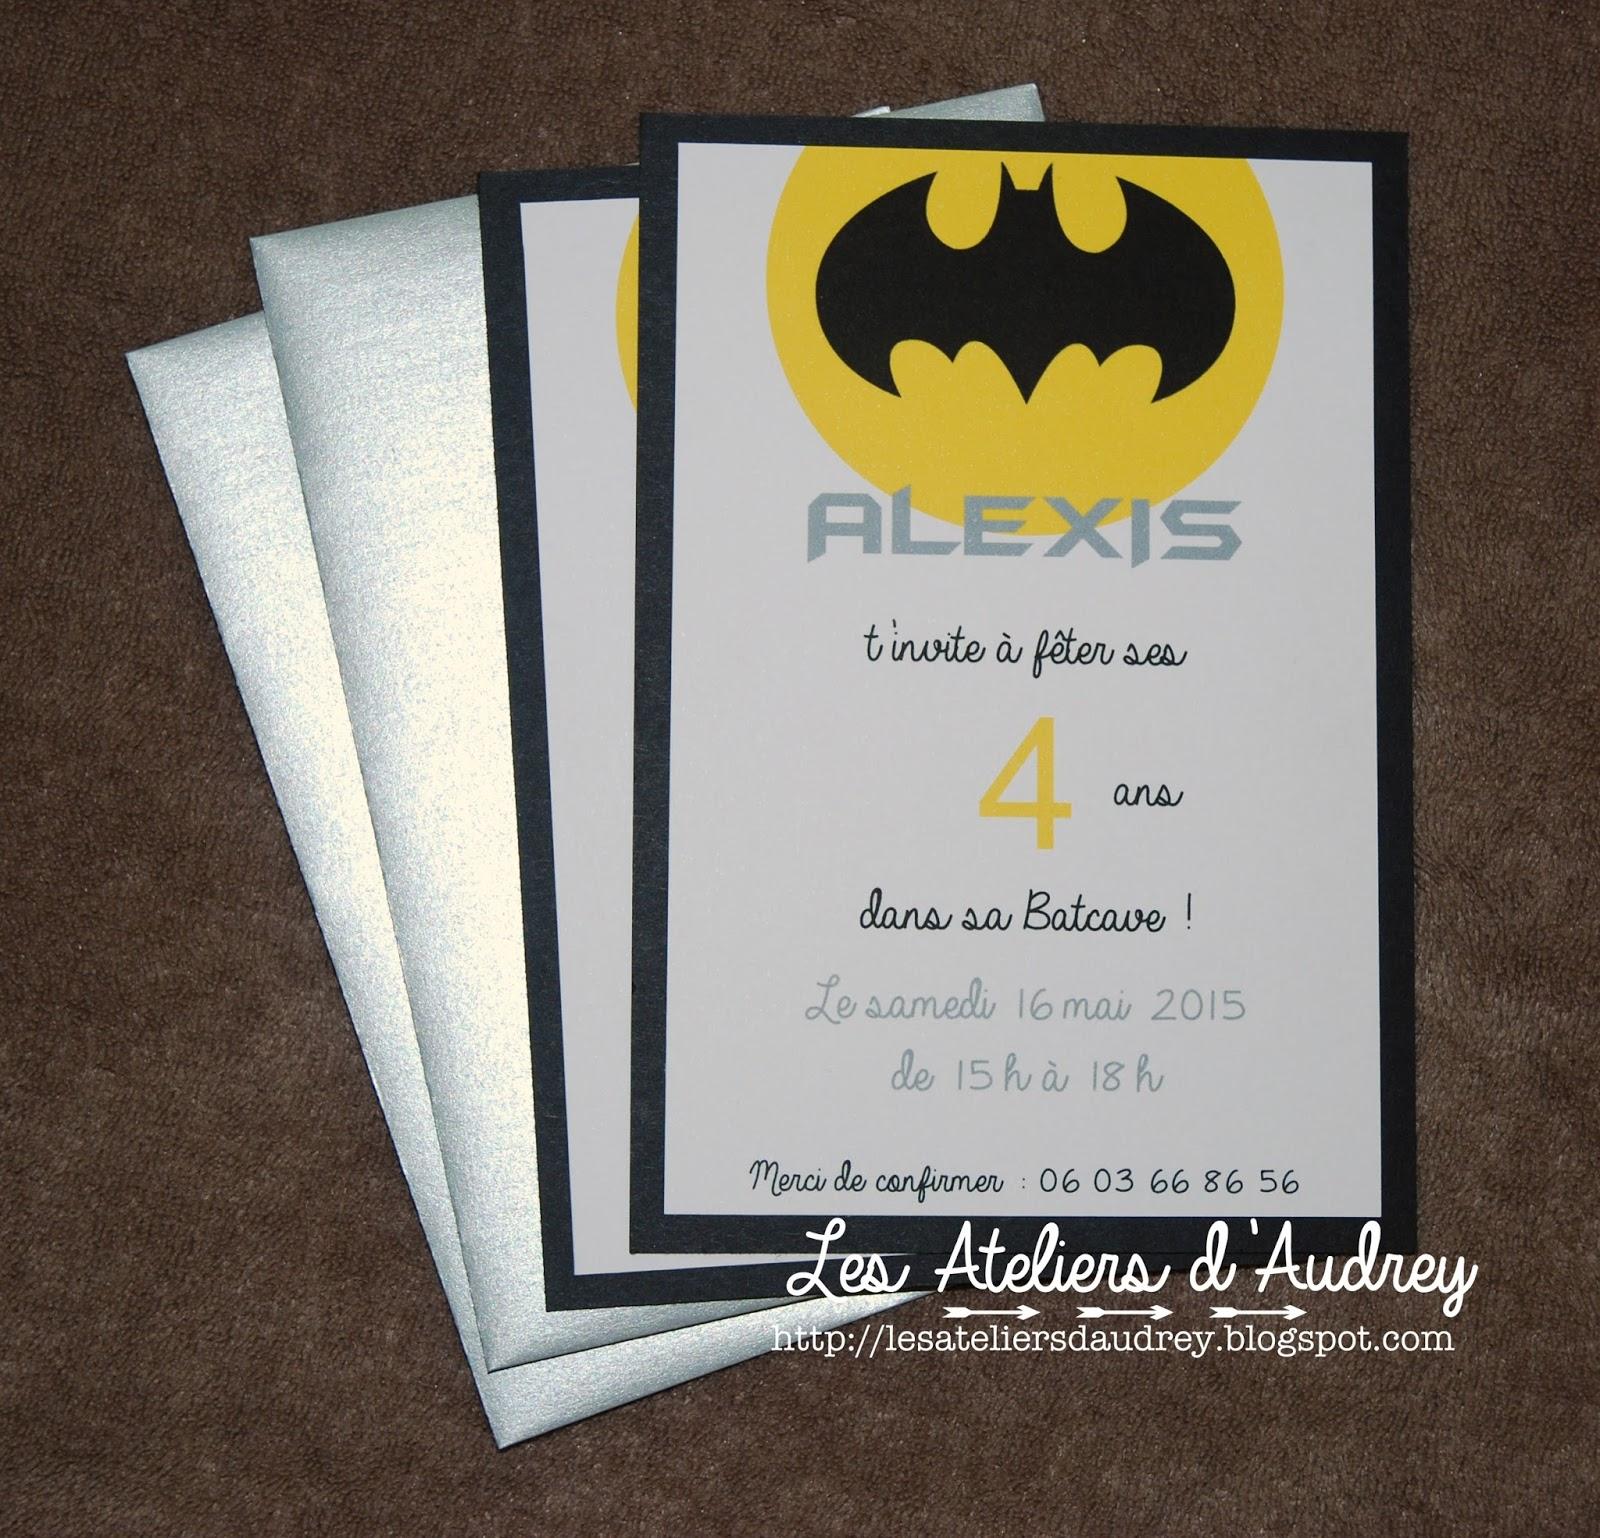 The audrey workshops ateliers vente de produits scrap - Deco pour anniversaire batman ...